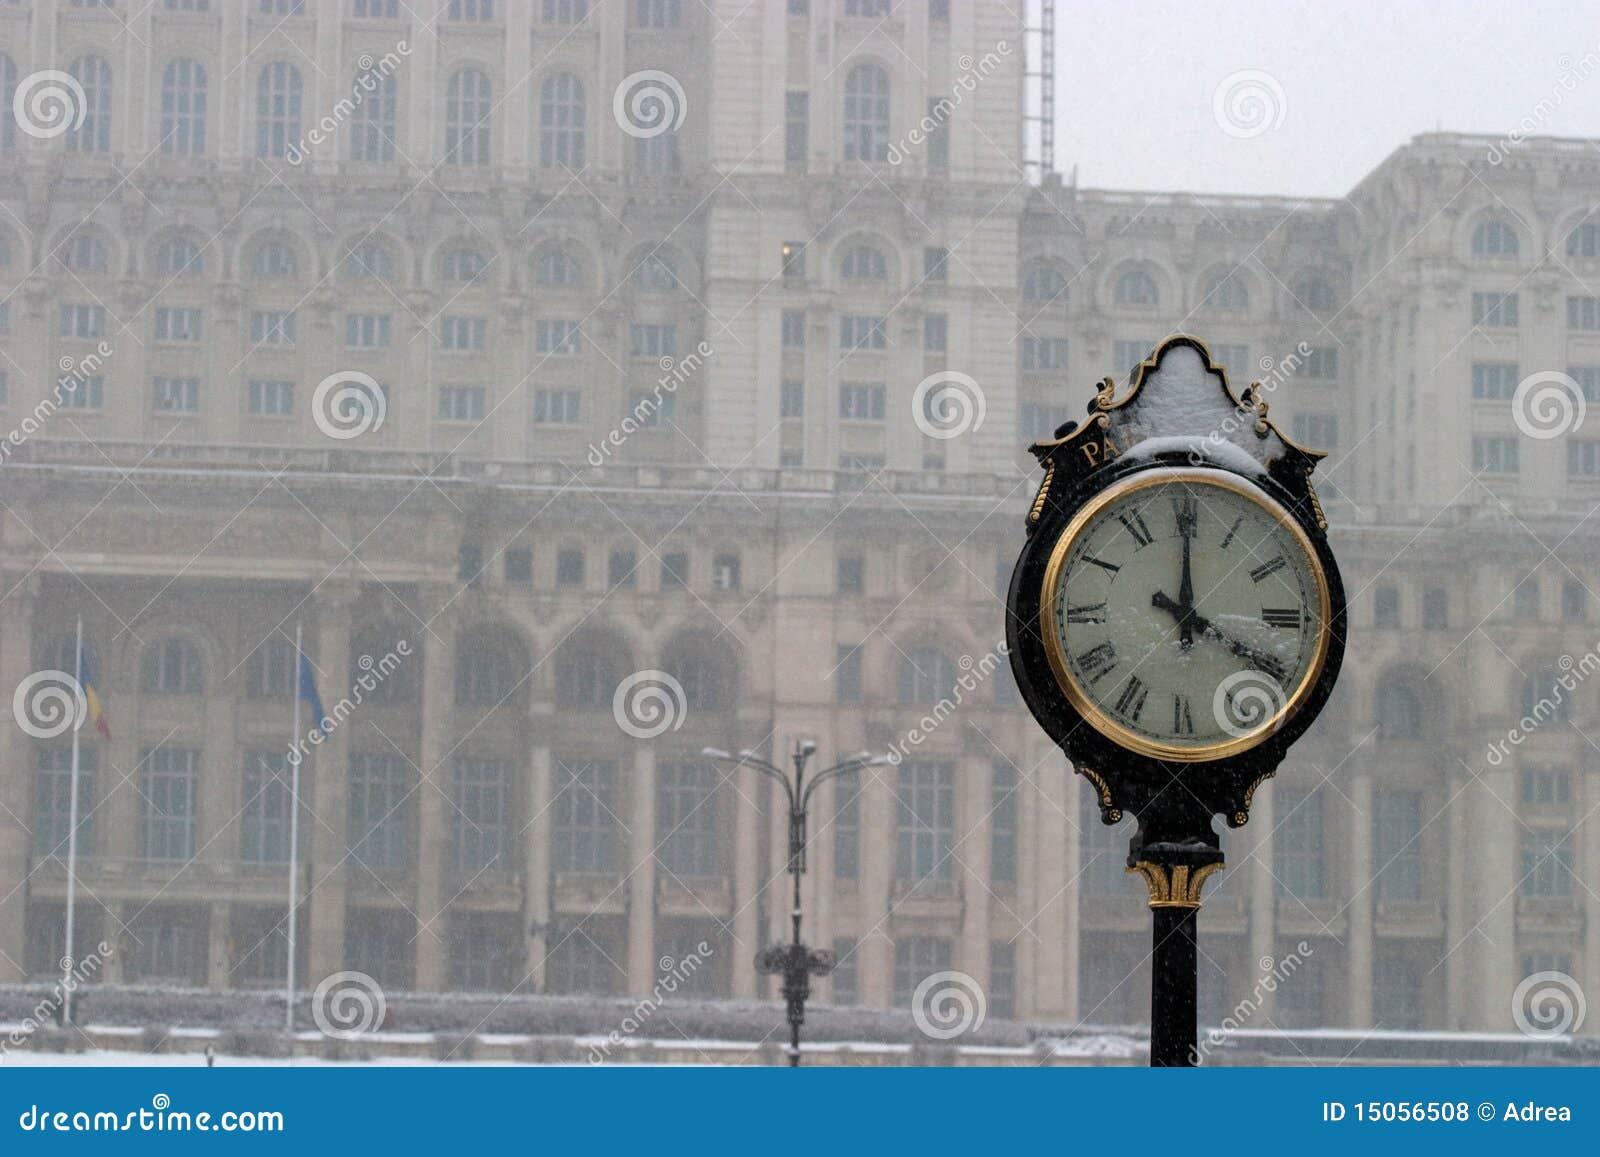 vieille horloge photos libres de droits image 15056508. Black Bedroom Furniture Sets. Home Design Ideas